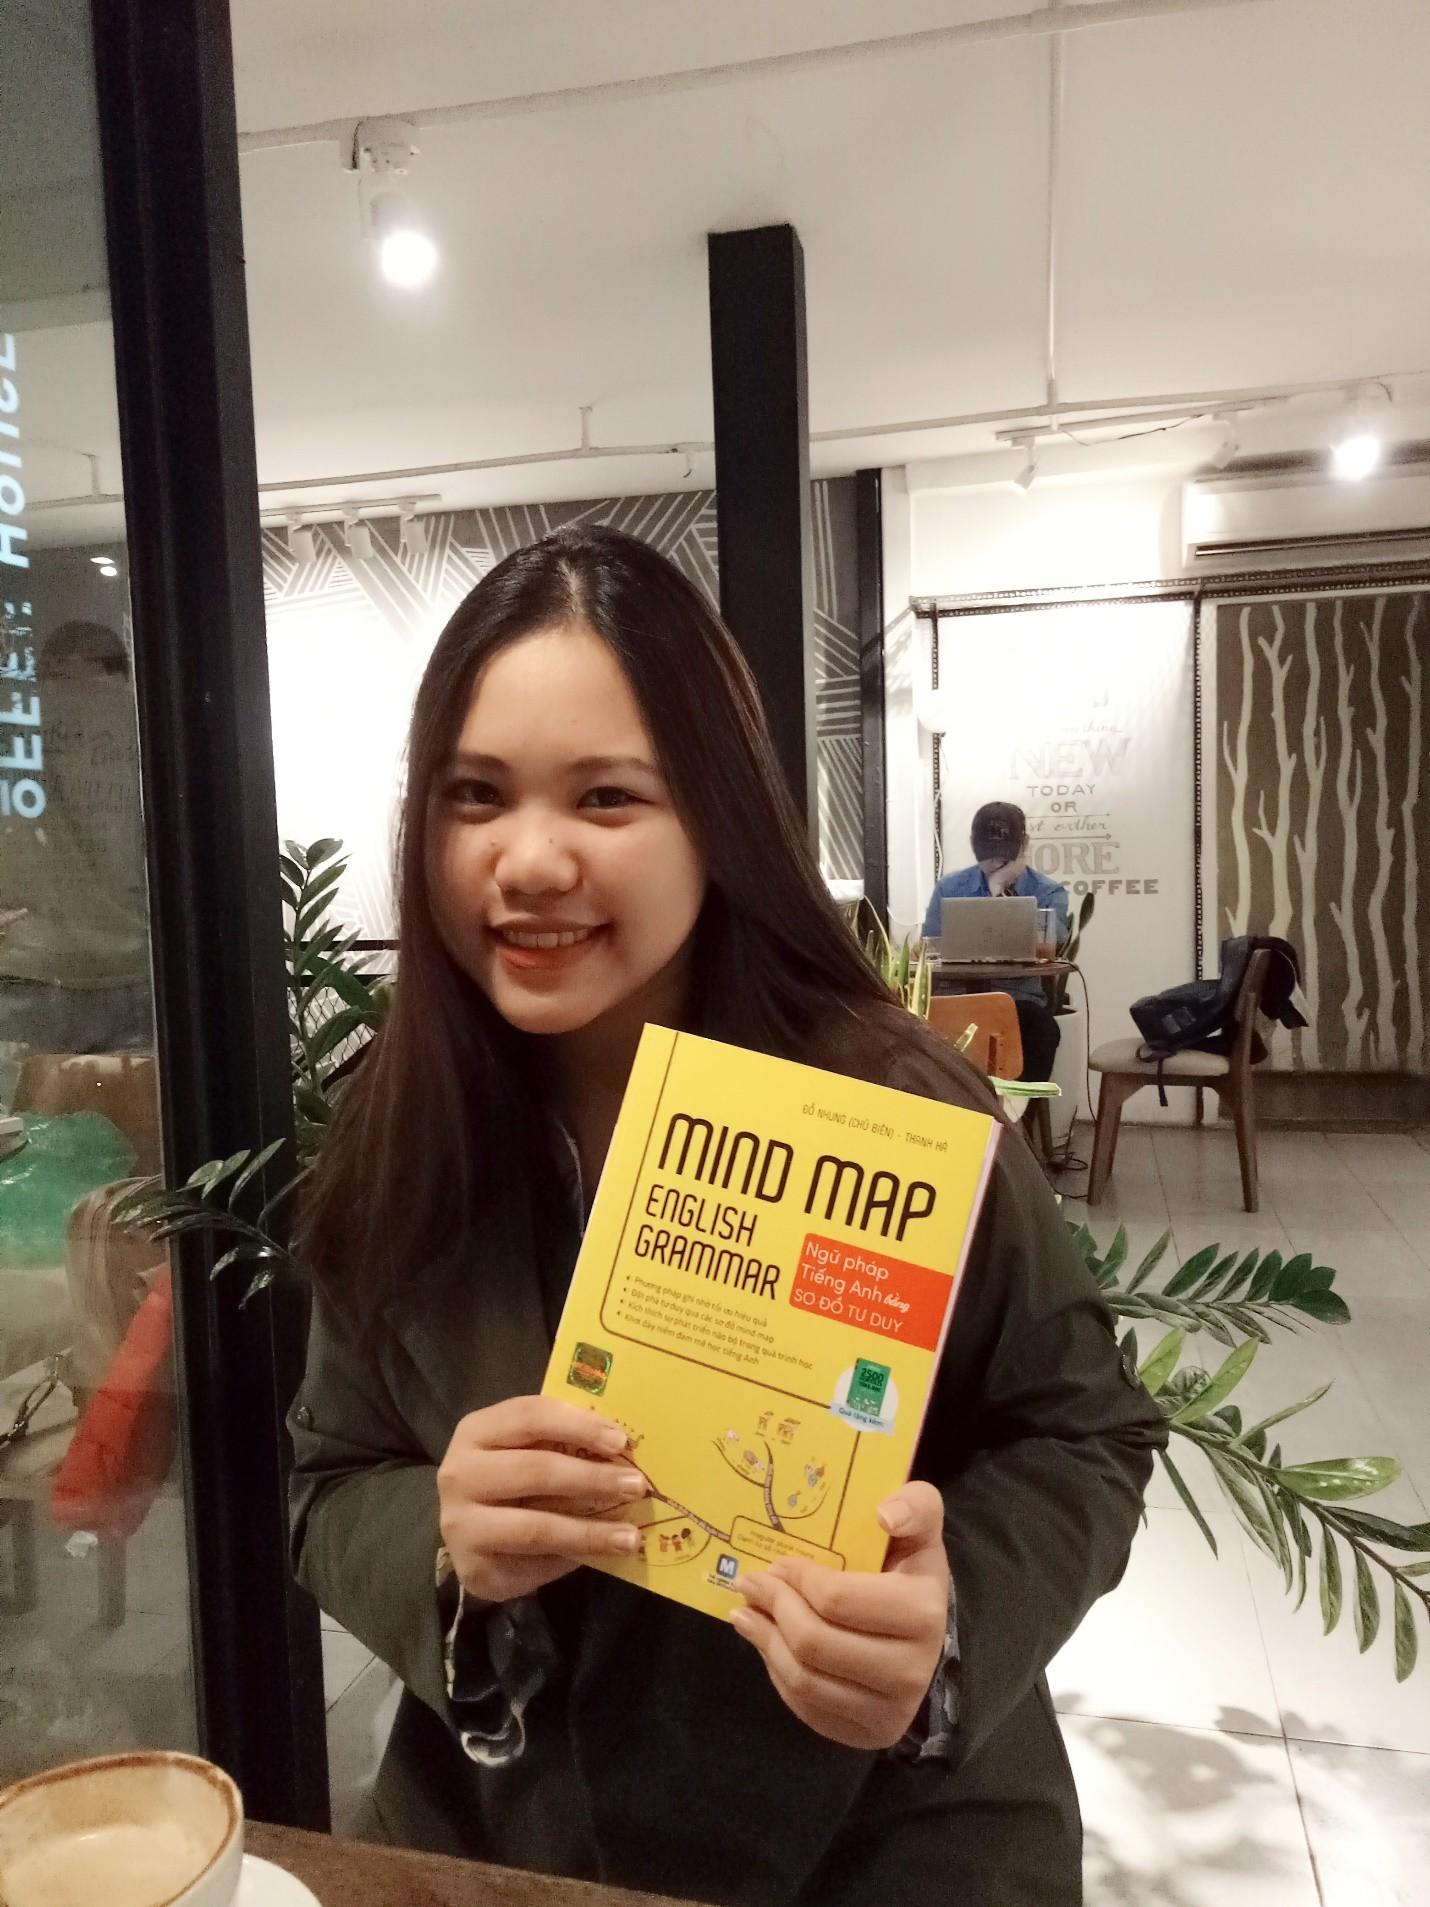 Review cuốn sách Mind map English Grammar - Ngữ pháp tiếng Anh bằng sơ đồ tư duy - Ảnh 4.